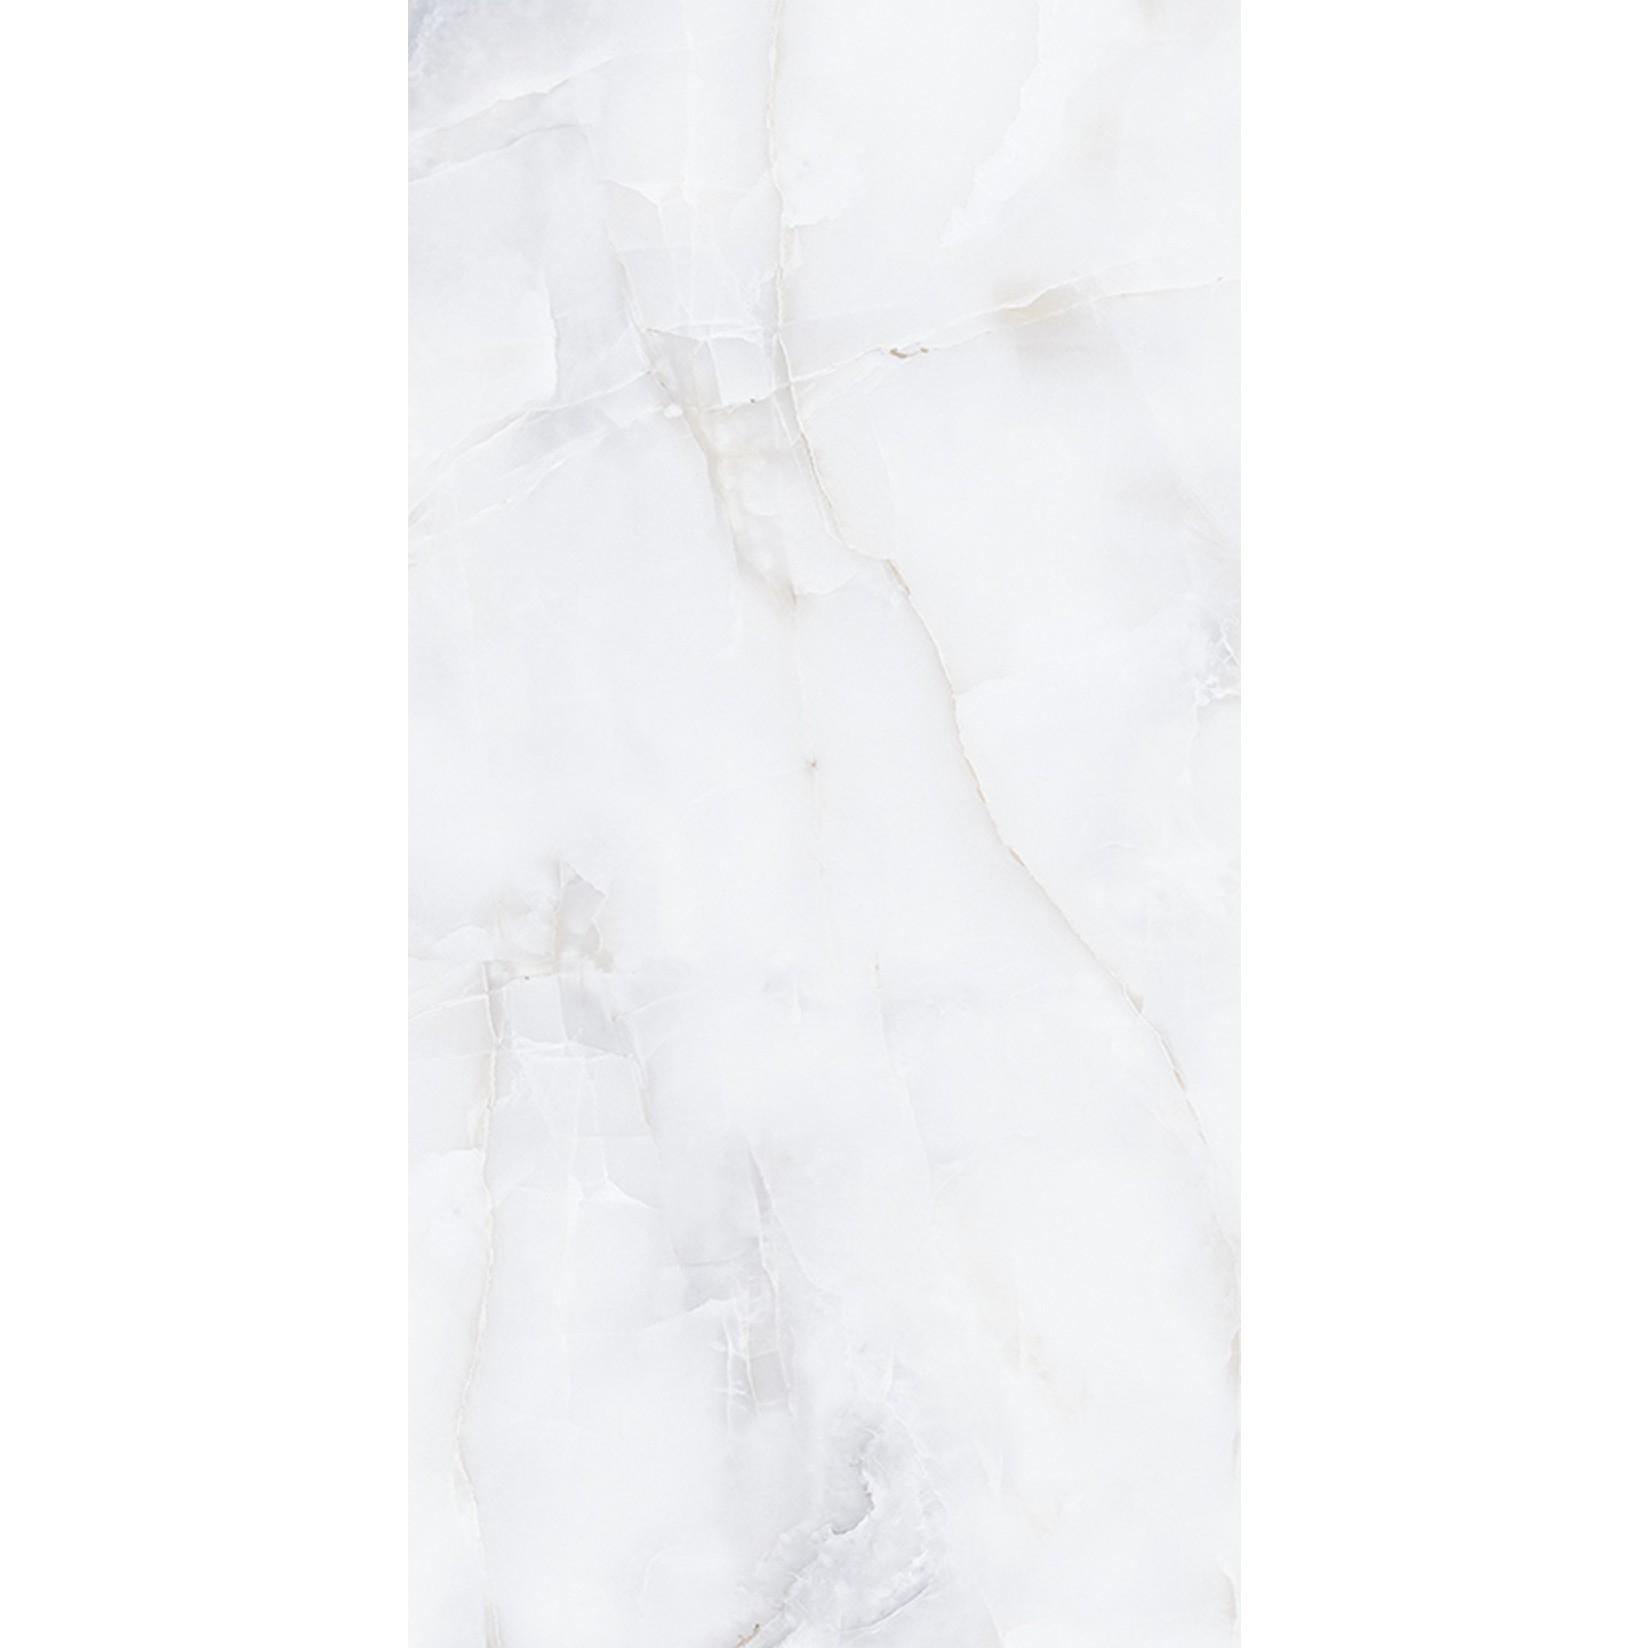 Porcelanato Tipo A 60x120 cm Onix Fosco 144m - Platinum